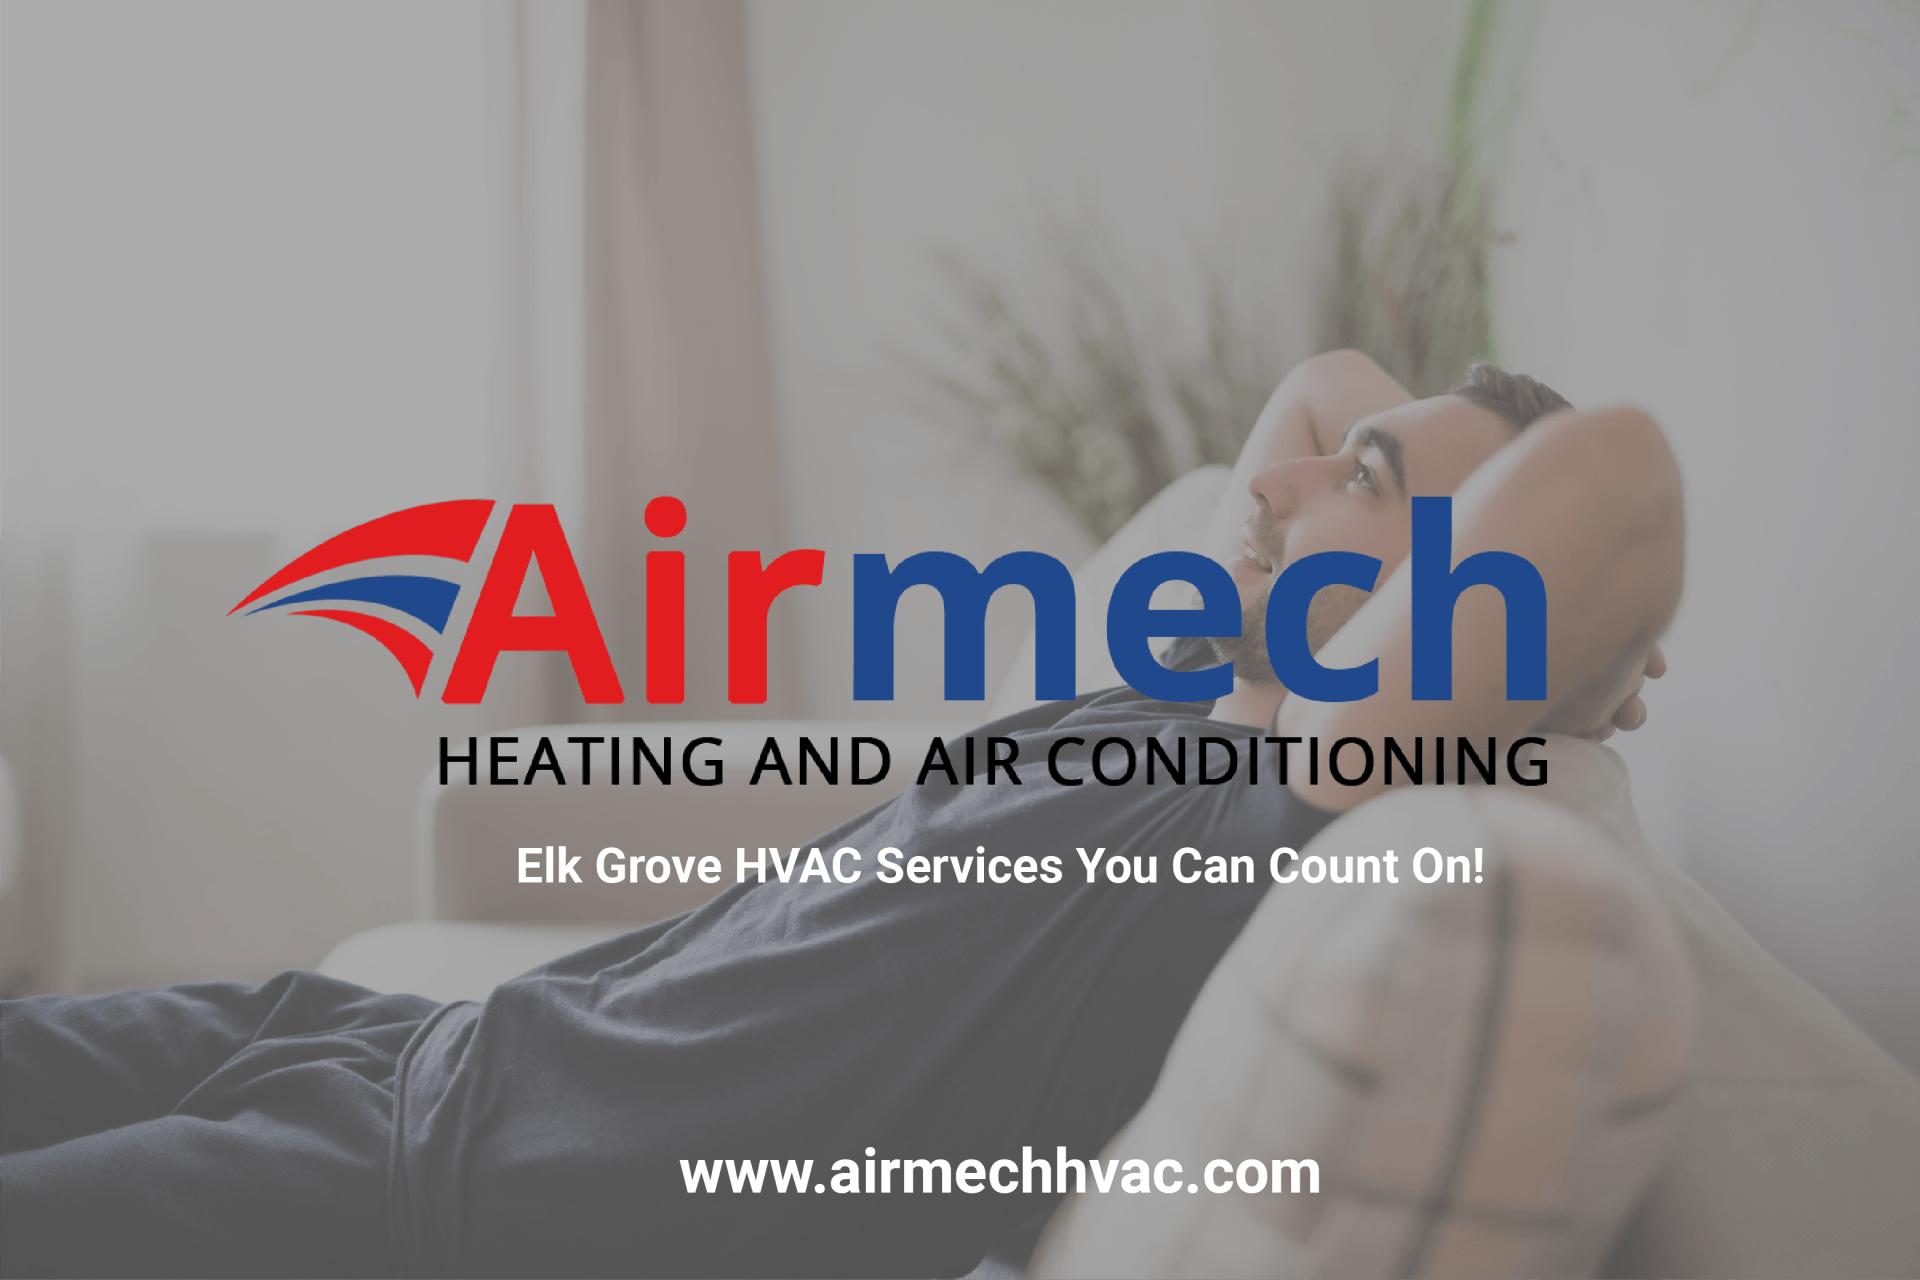 Elk Grove Air Conditioner Repair Heater Furnace Repair Hvac Install